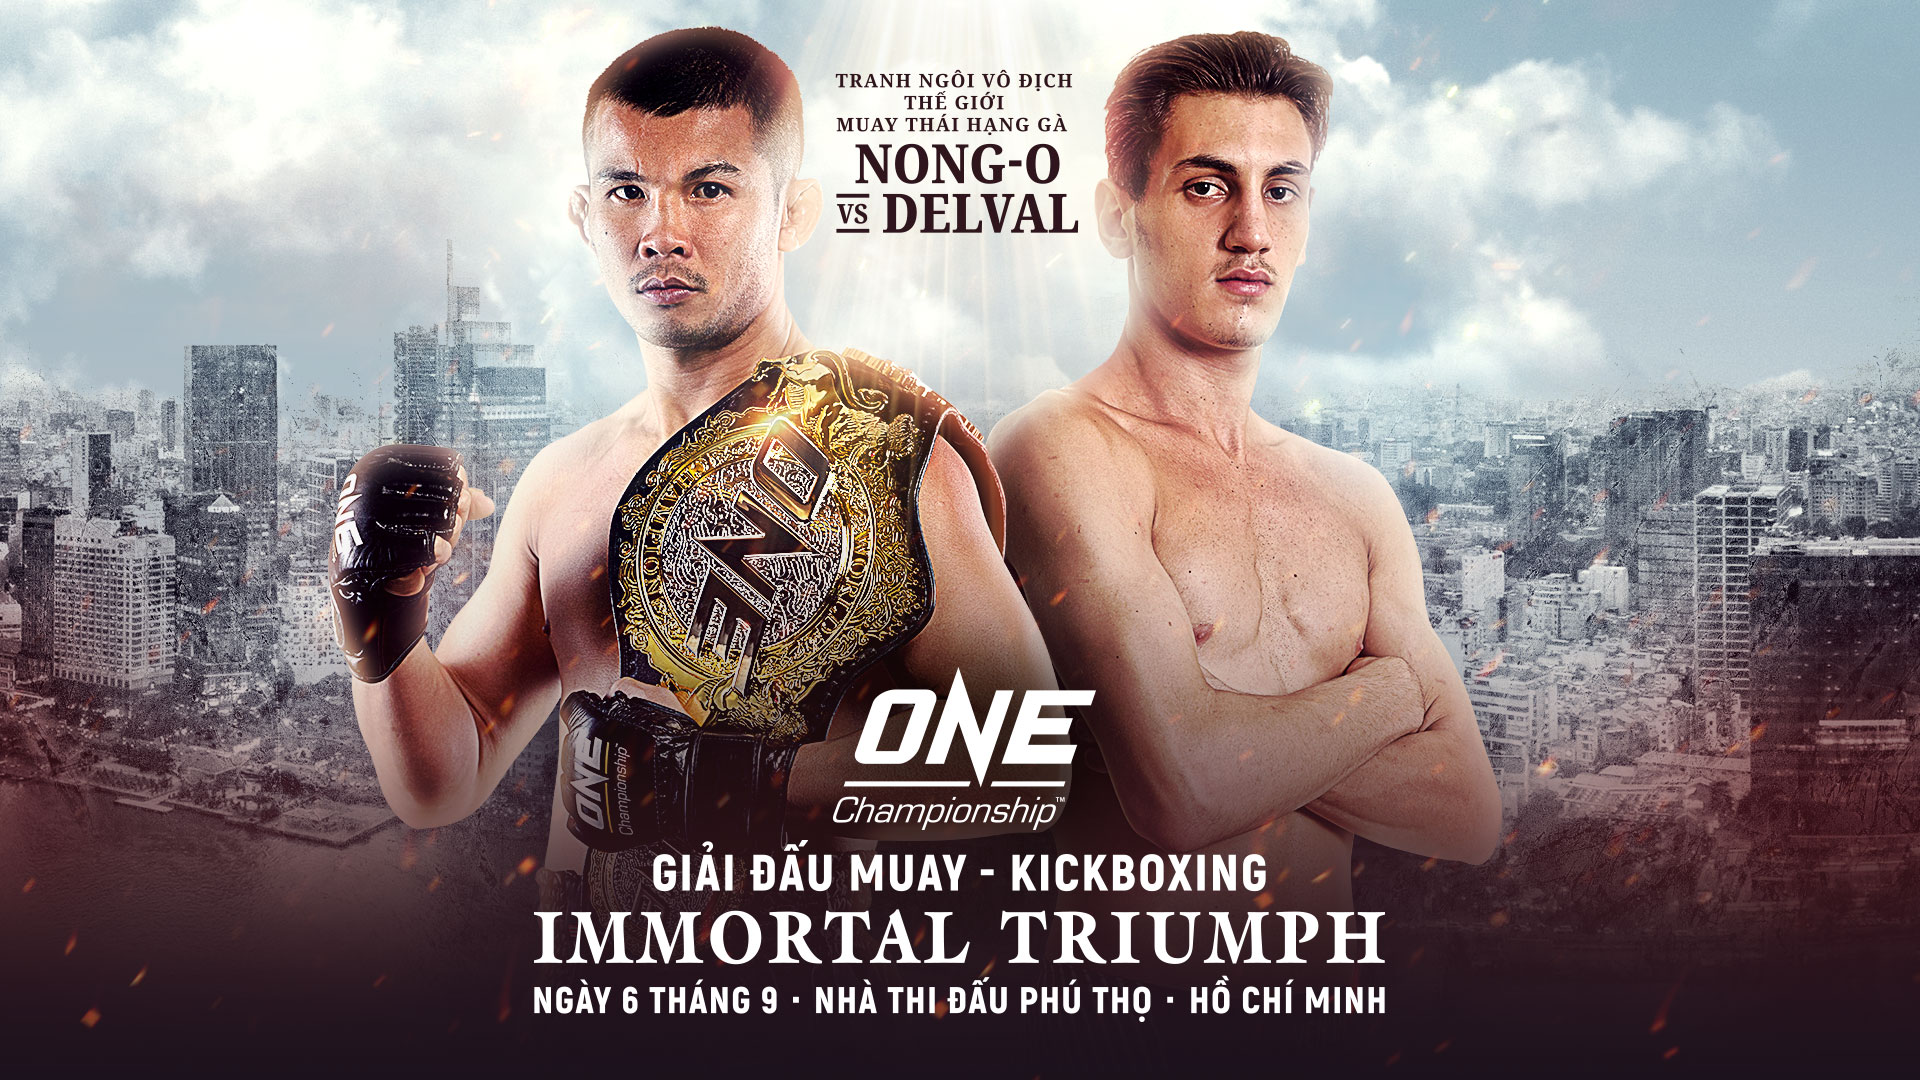 Giải đấu Muay - Kickboxing Immortal Triumph